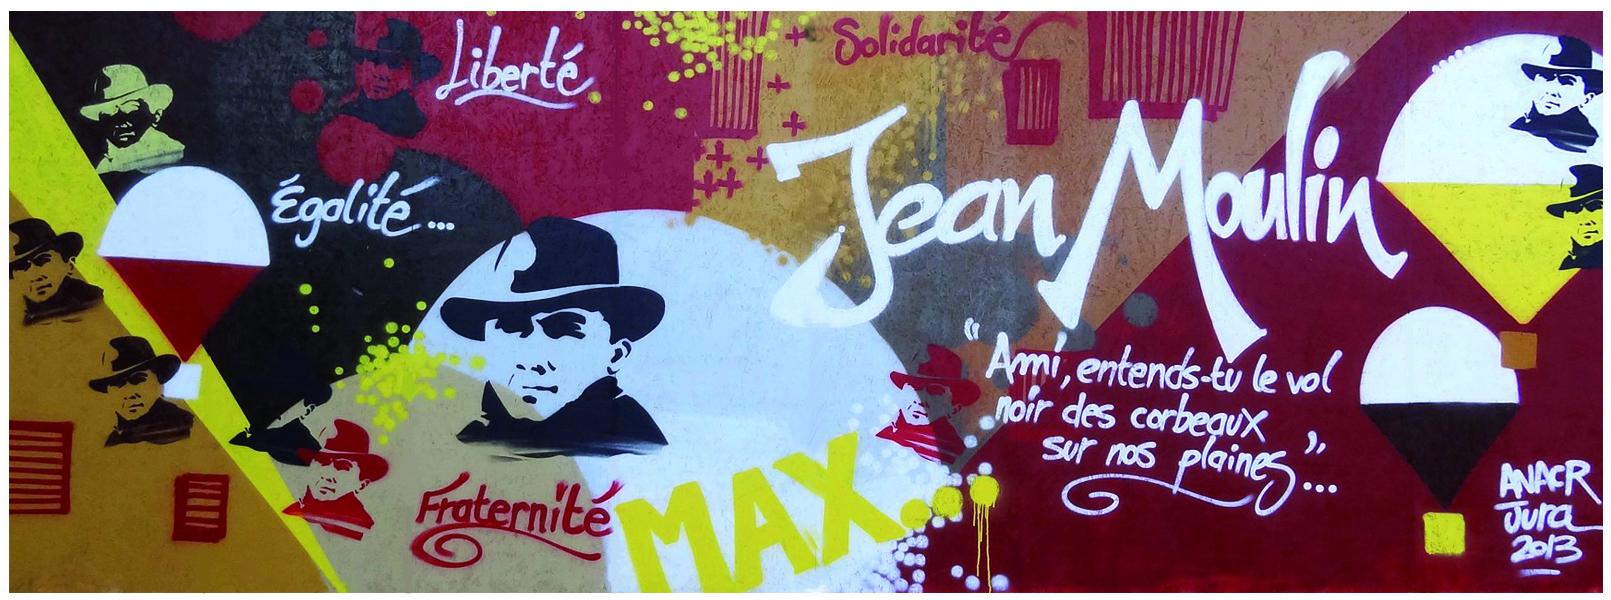 Fresque à la gloire de Jean Moulin